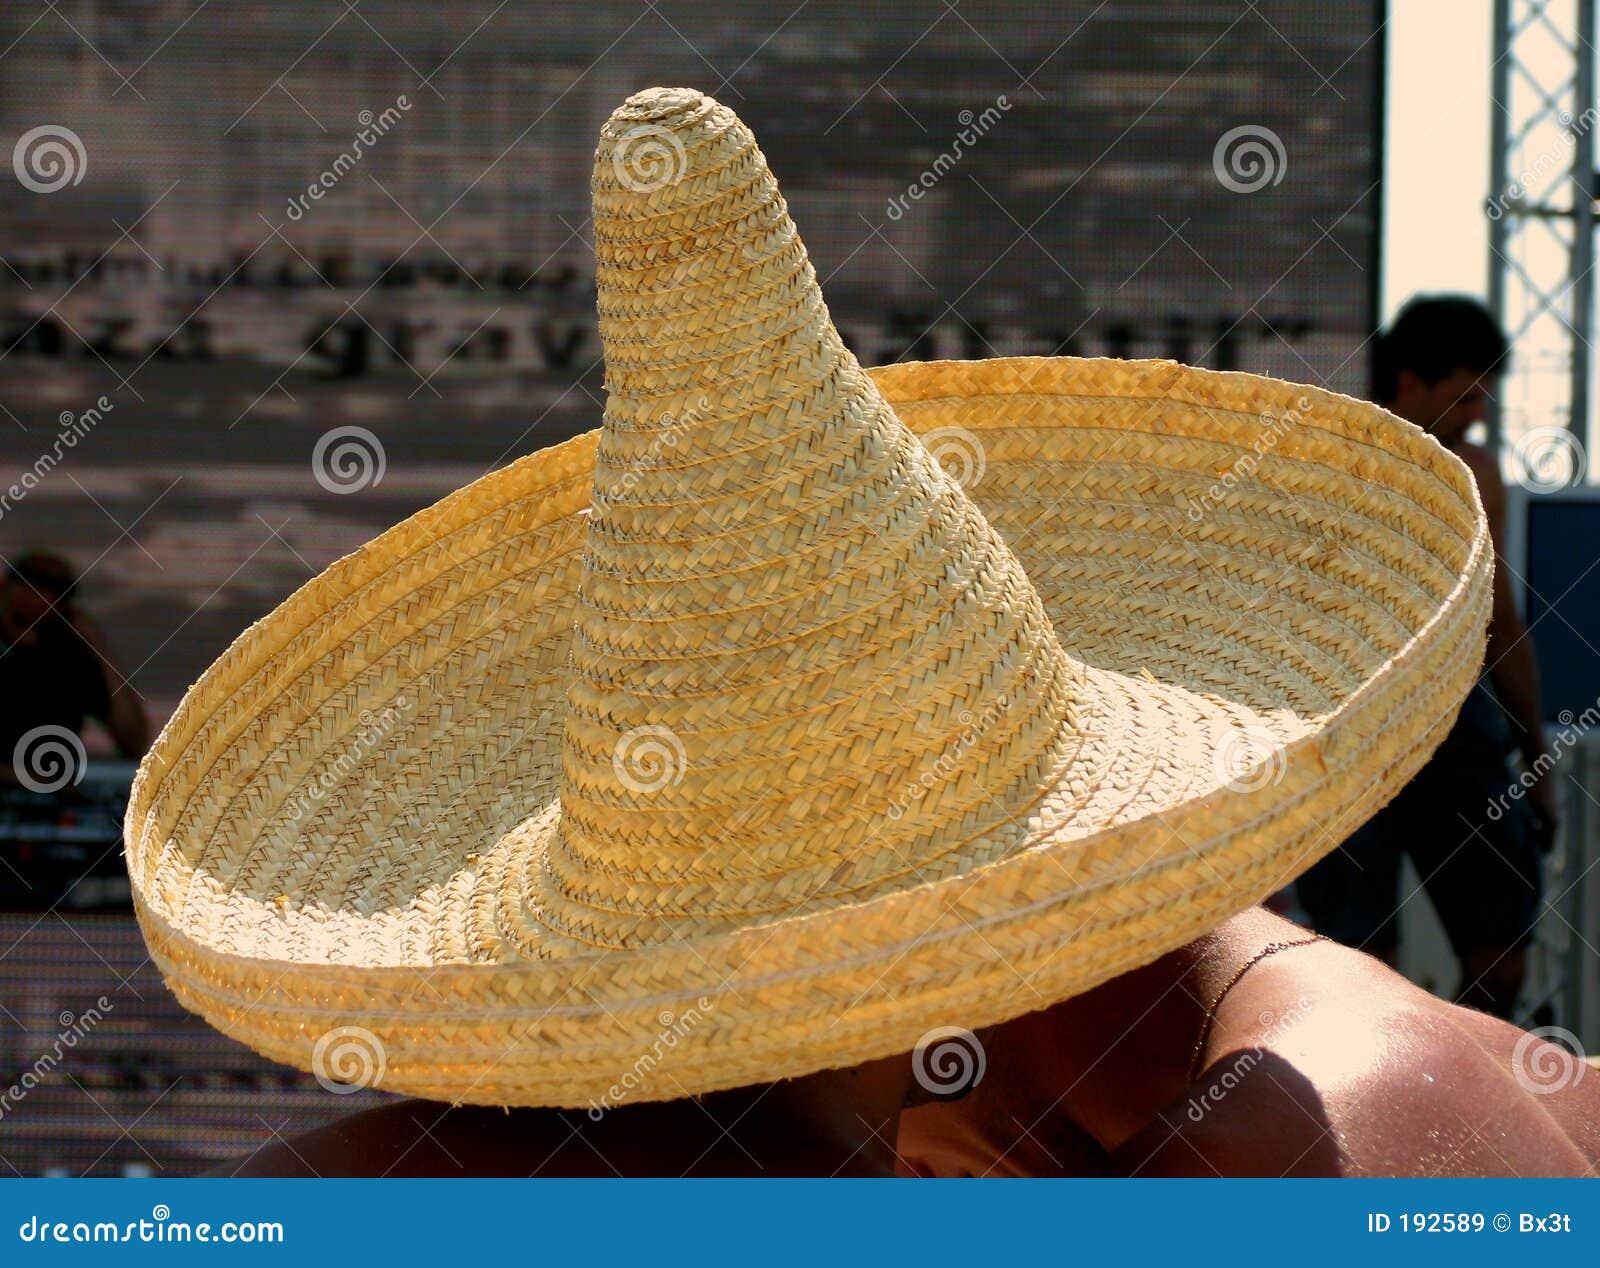 2 sotto 1 cappello messicano